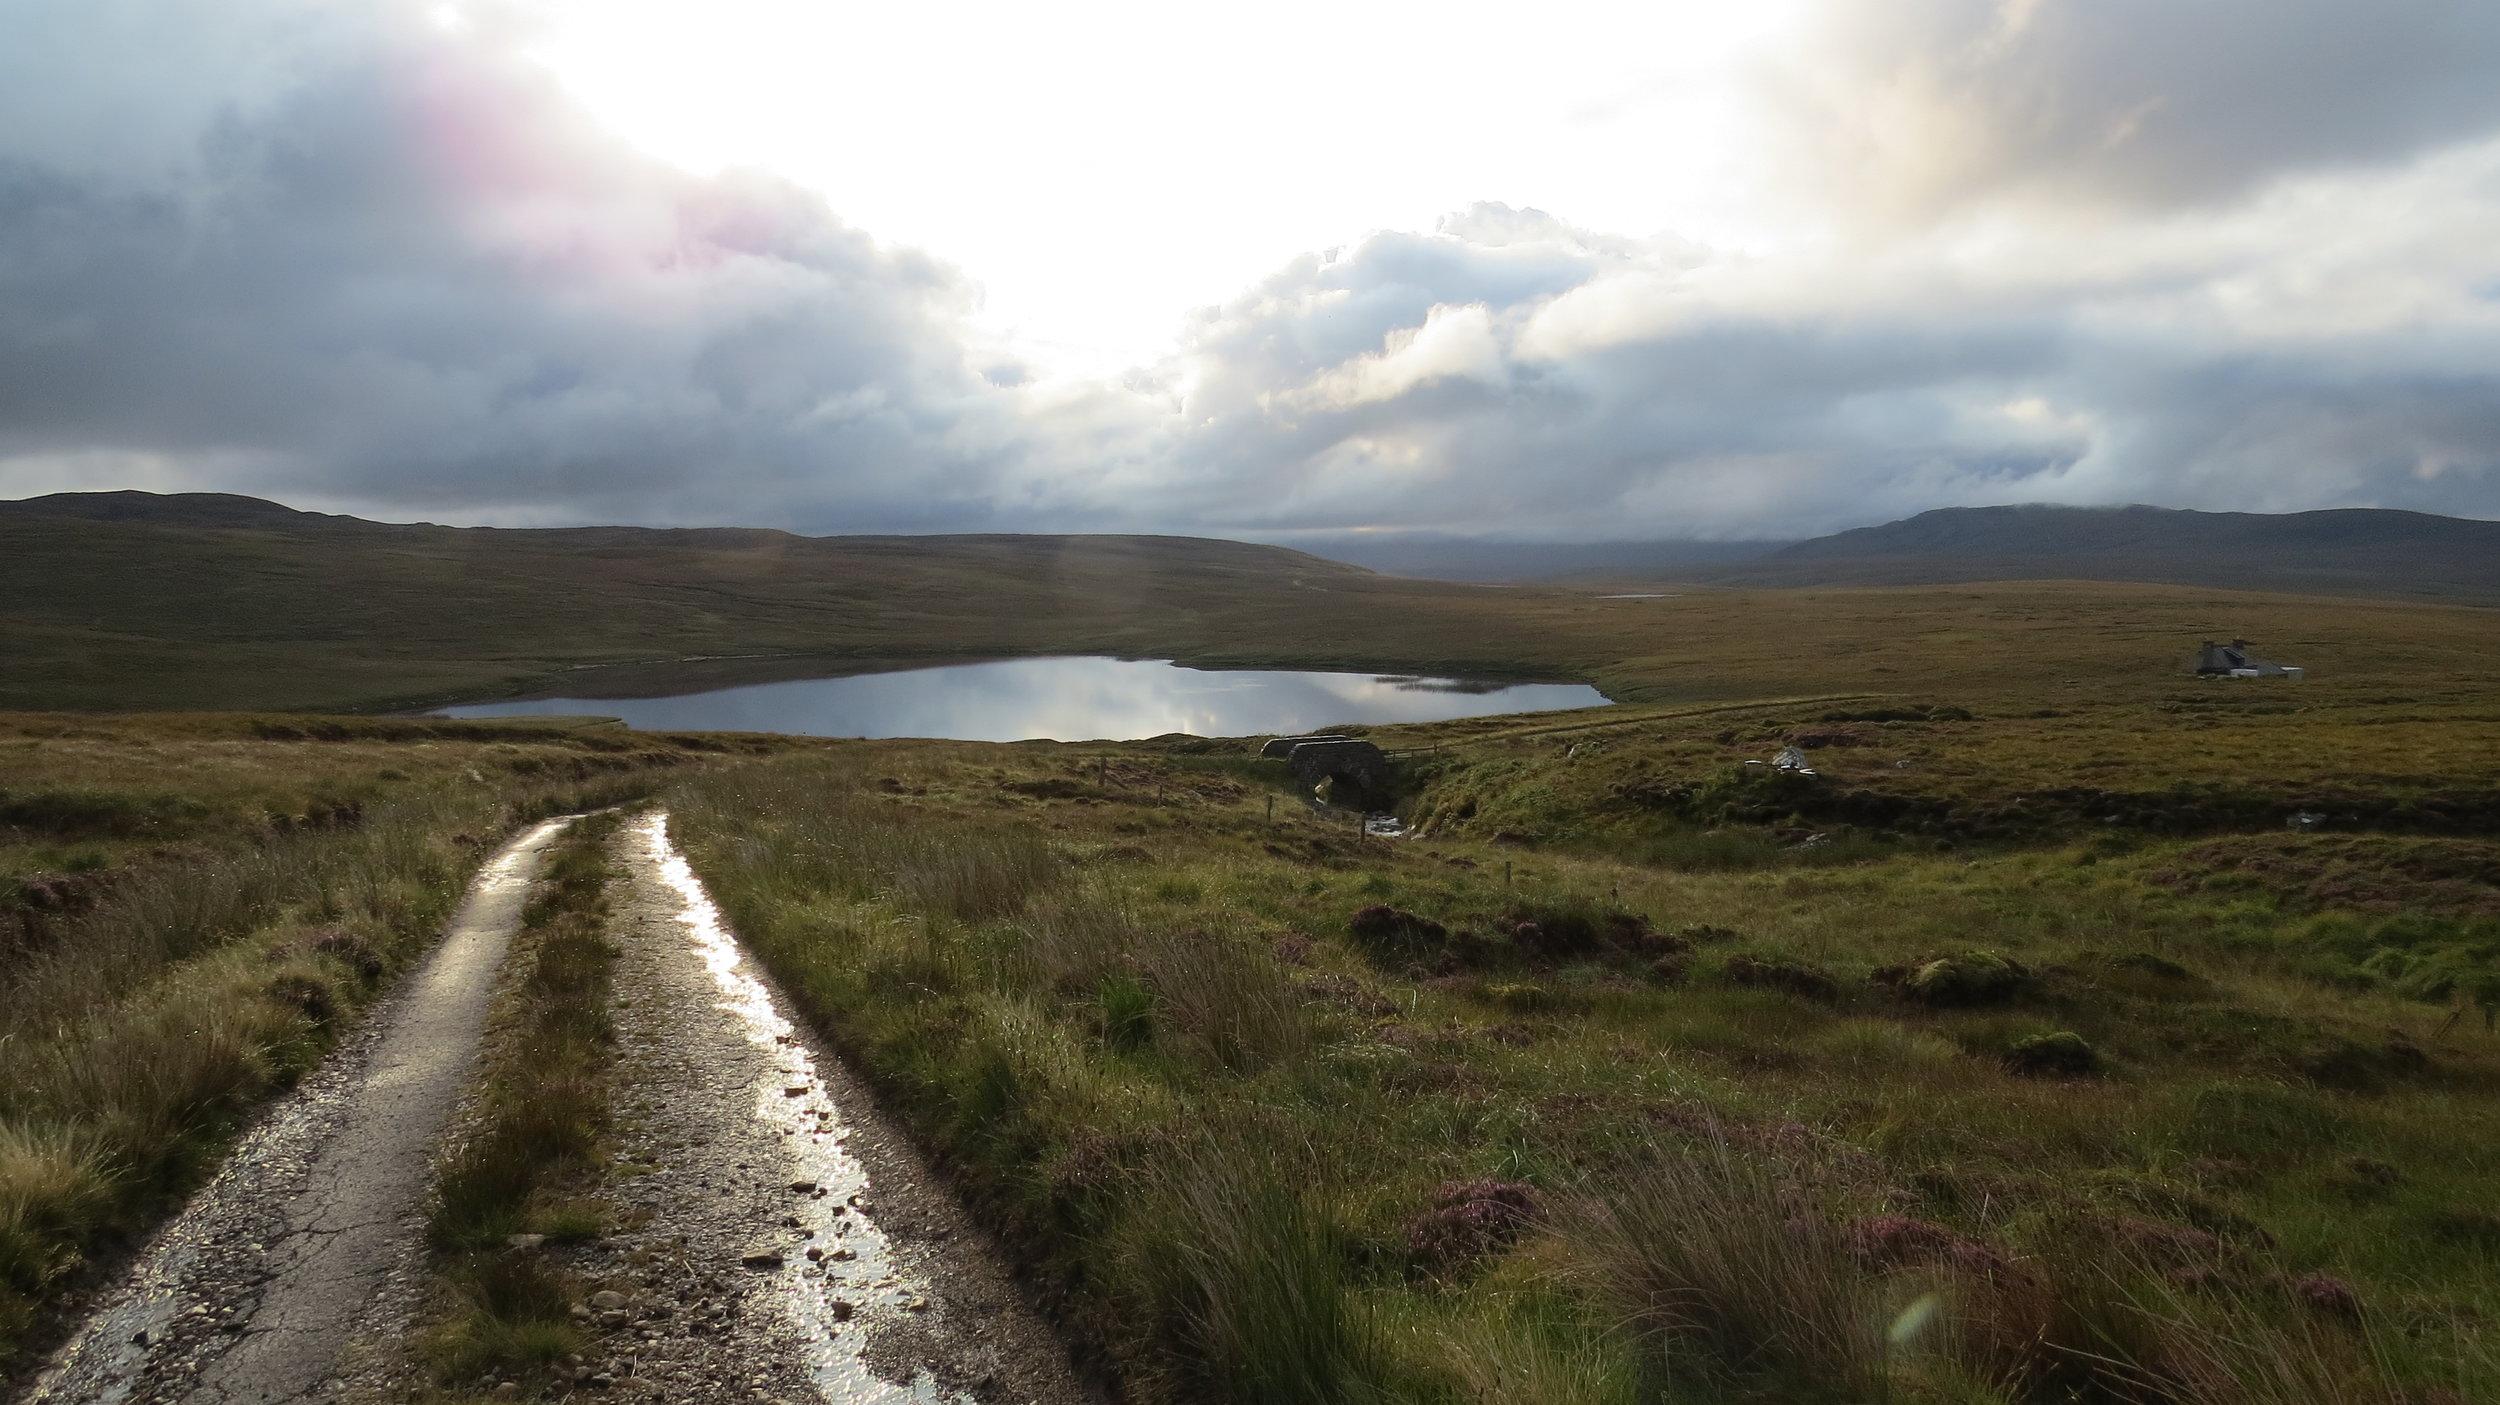 Loch Inshore